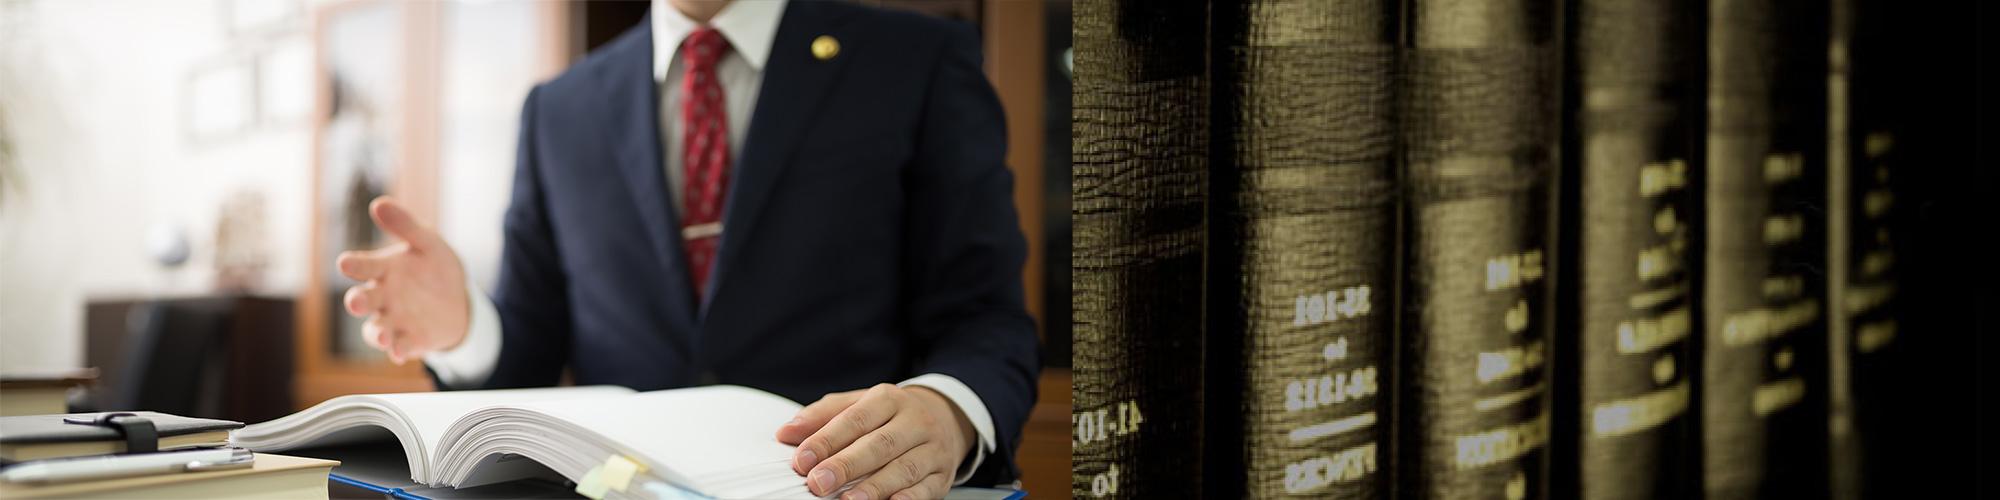 福岡パシフィック法律事務所|弁護士 天野広太郎のイメージ